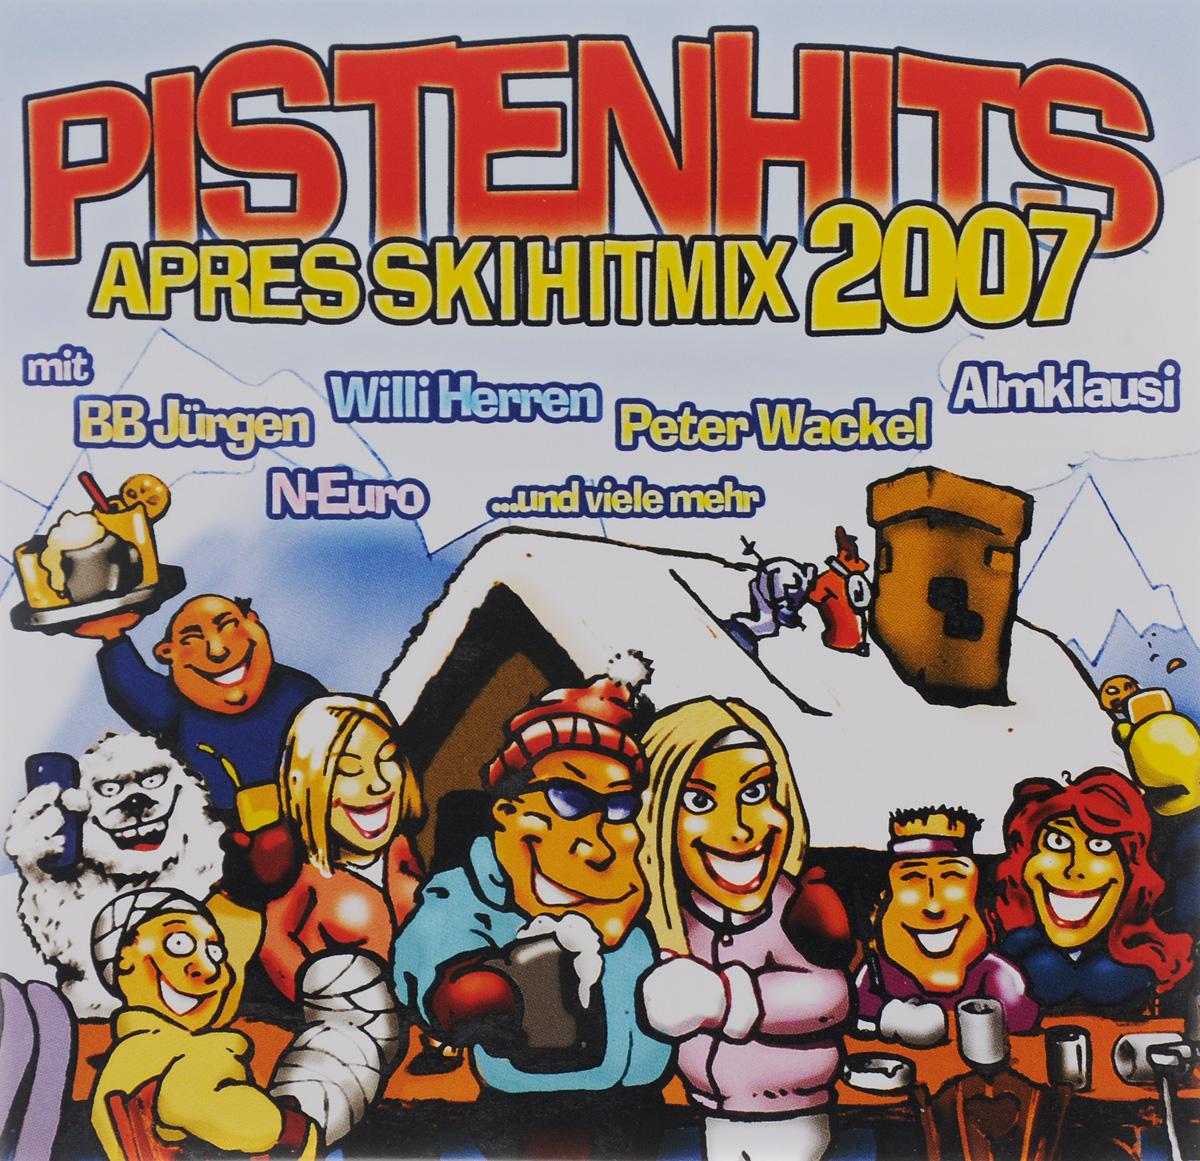 Pistenhits. Apres Ski Hitmix 2007 (2 CD)